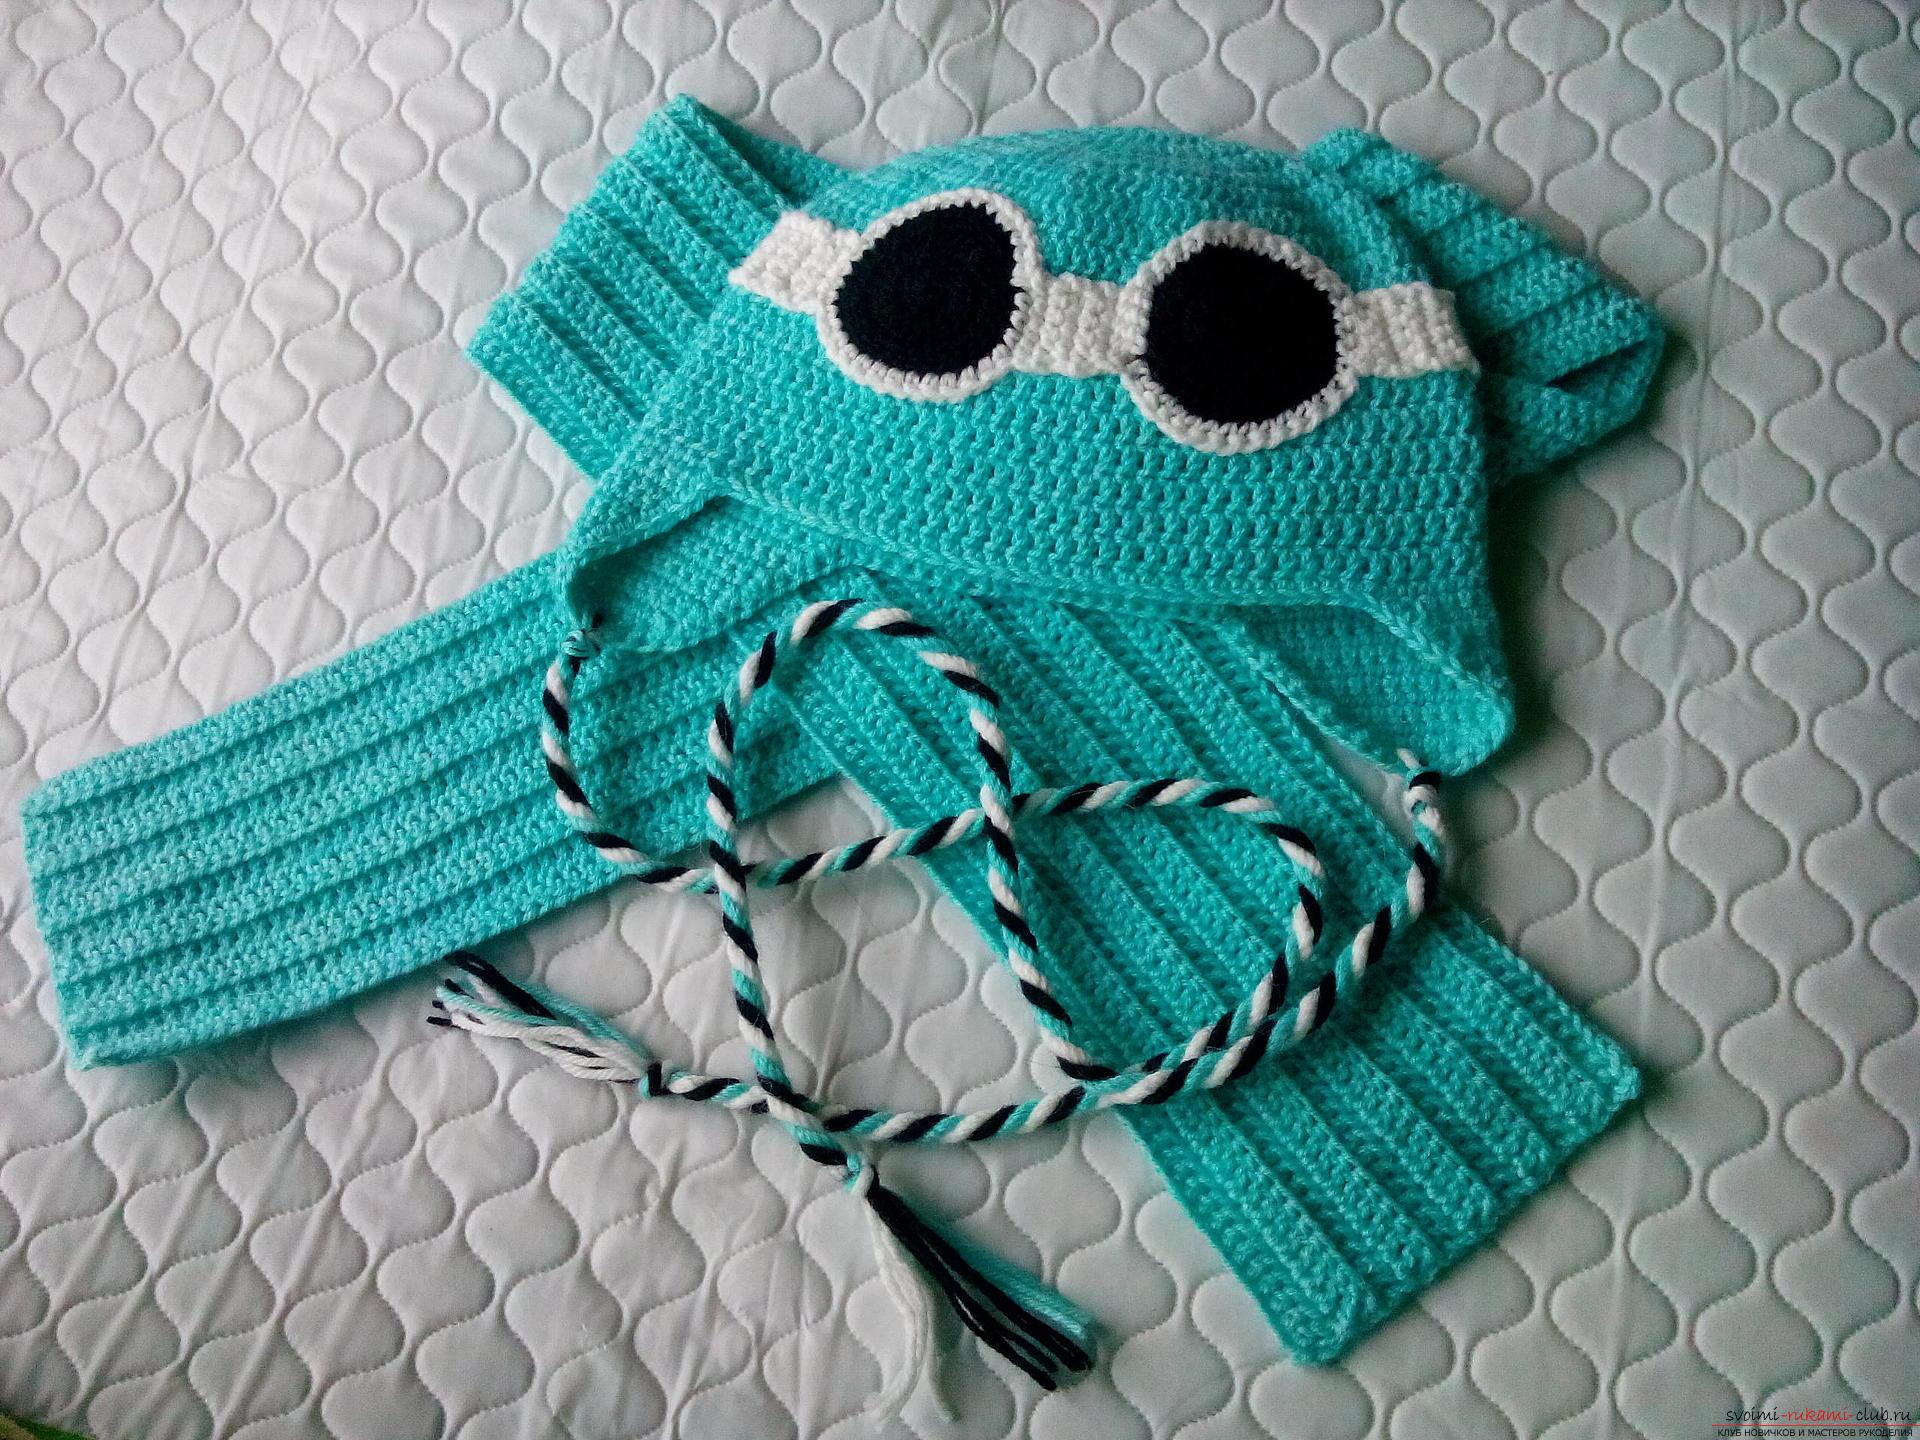 Пошаговое описание и фото вязания крючком комплекта для мальчика из шапочки и шарфа. Фото №19